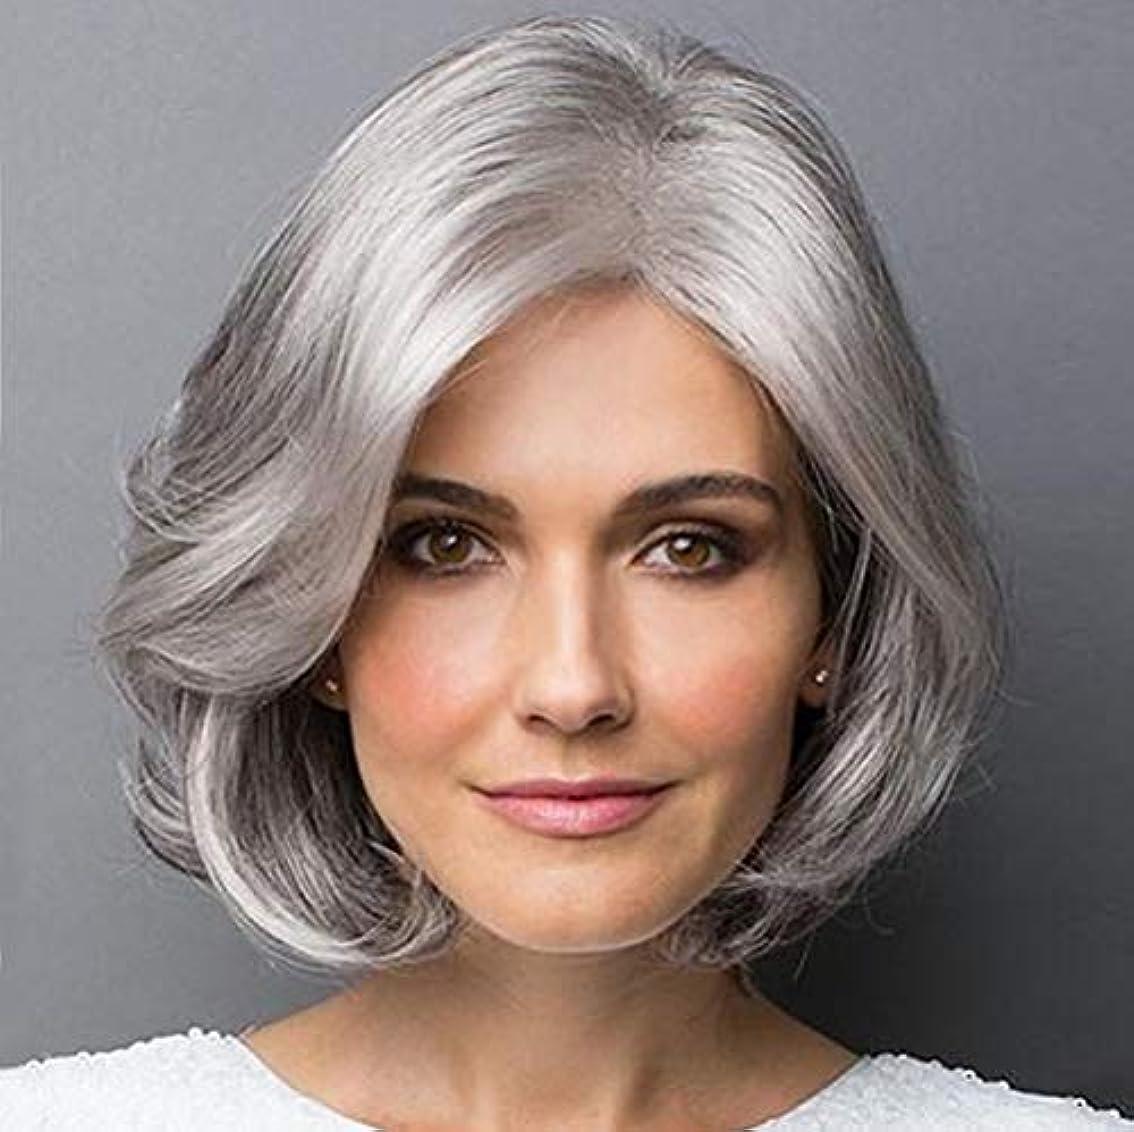 女性かつら人間の髪の毛おばあちゃんの髪耐熱合成短い絹のようなパーティーヘアウィッグライトグレー35 cm